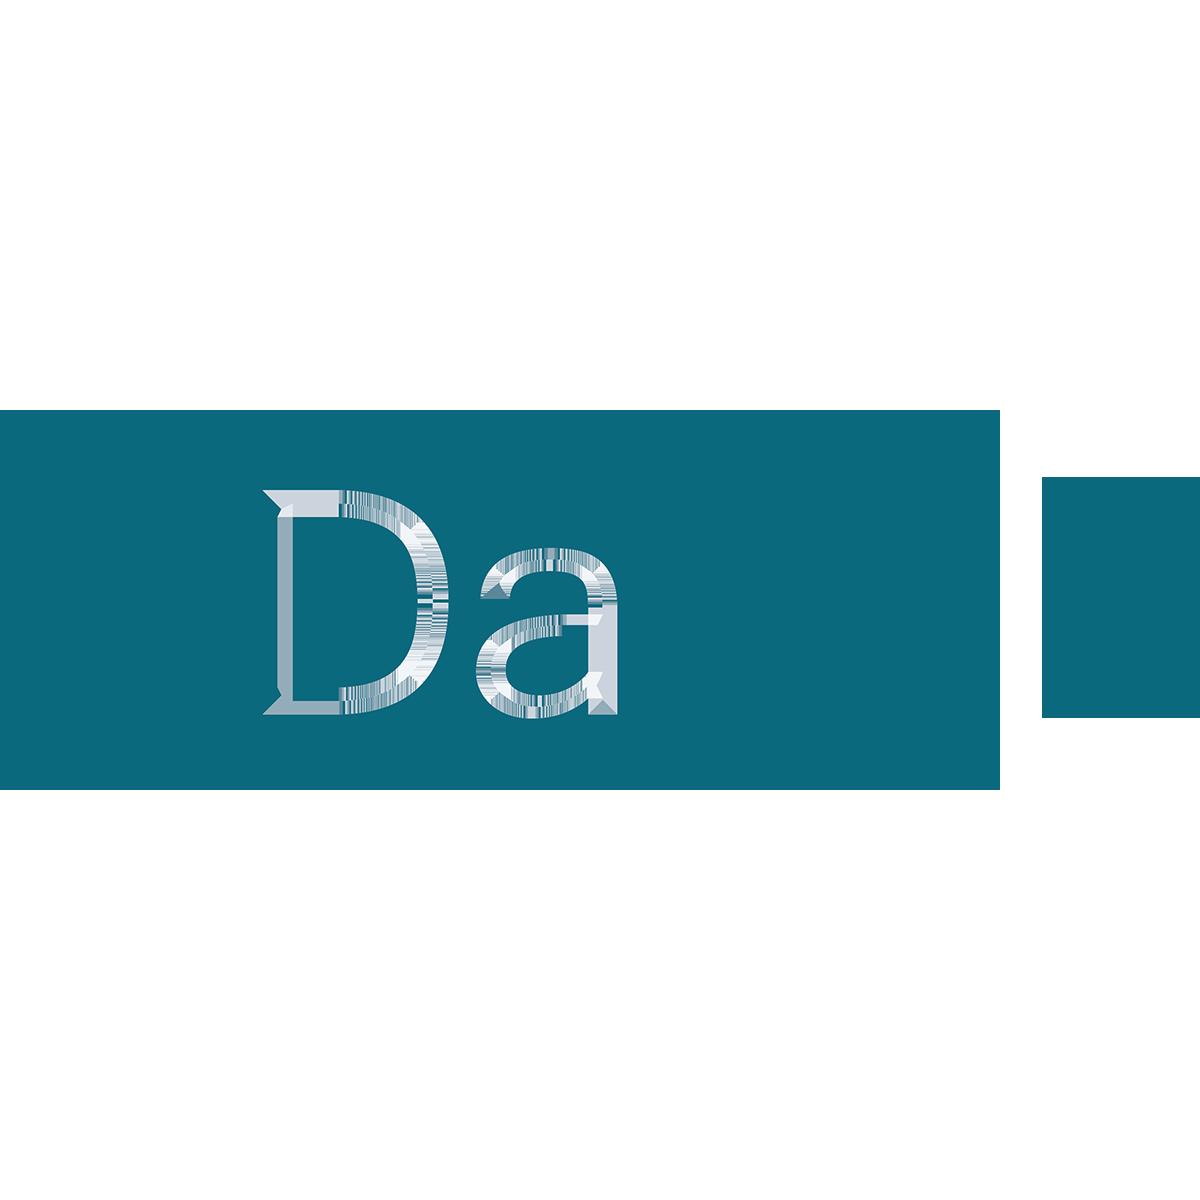 Dahub